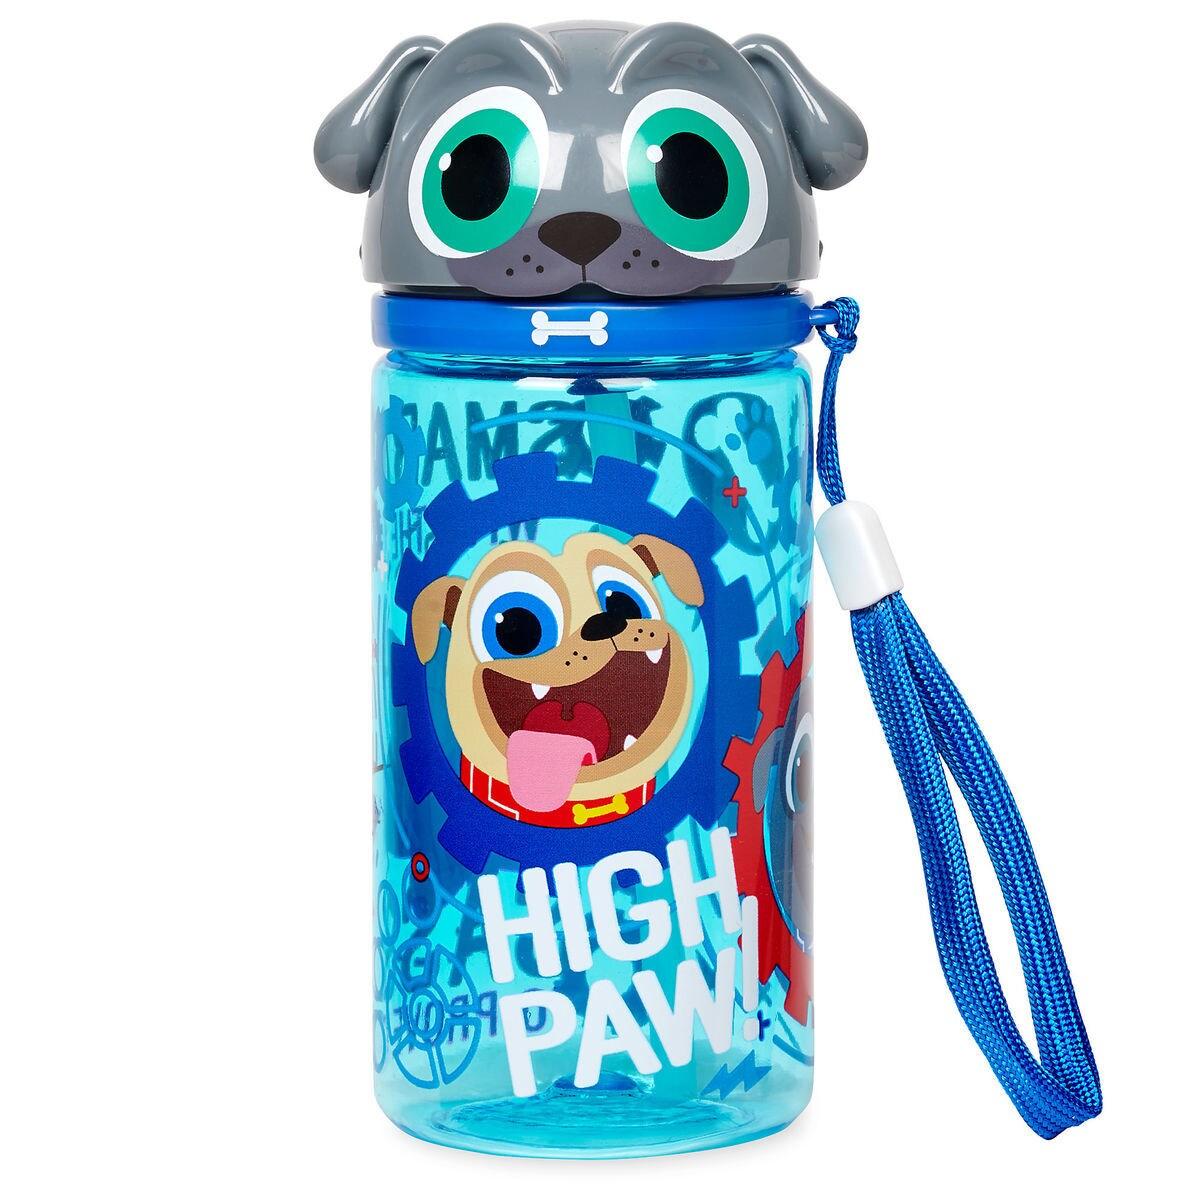 Puppy Dog Pals Canteen Shopdisney